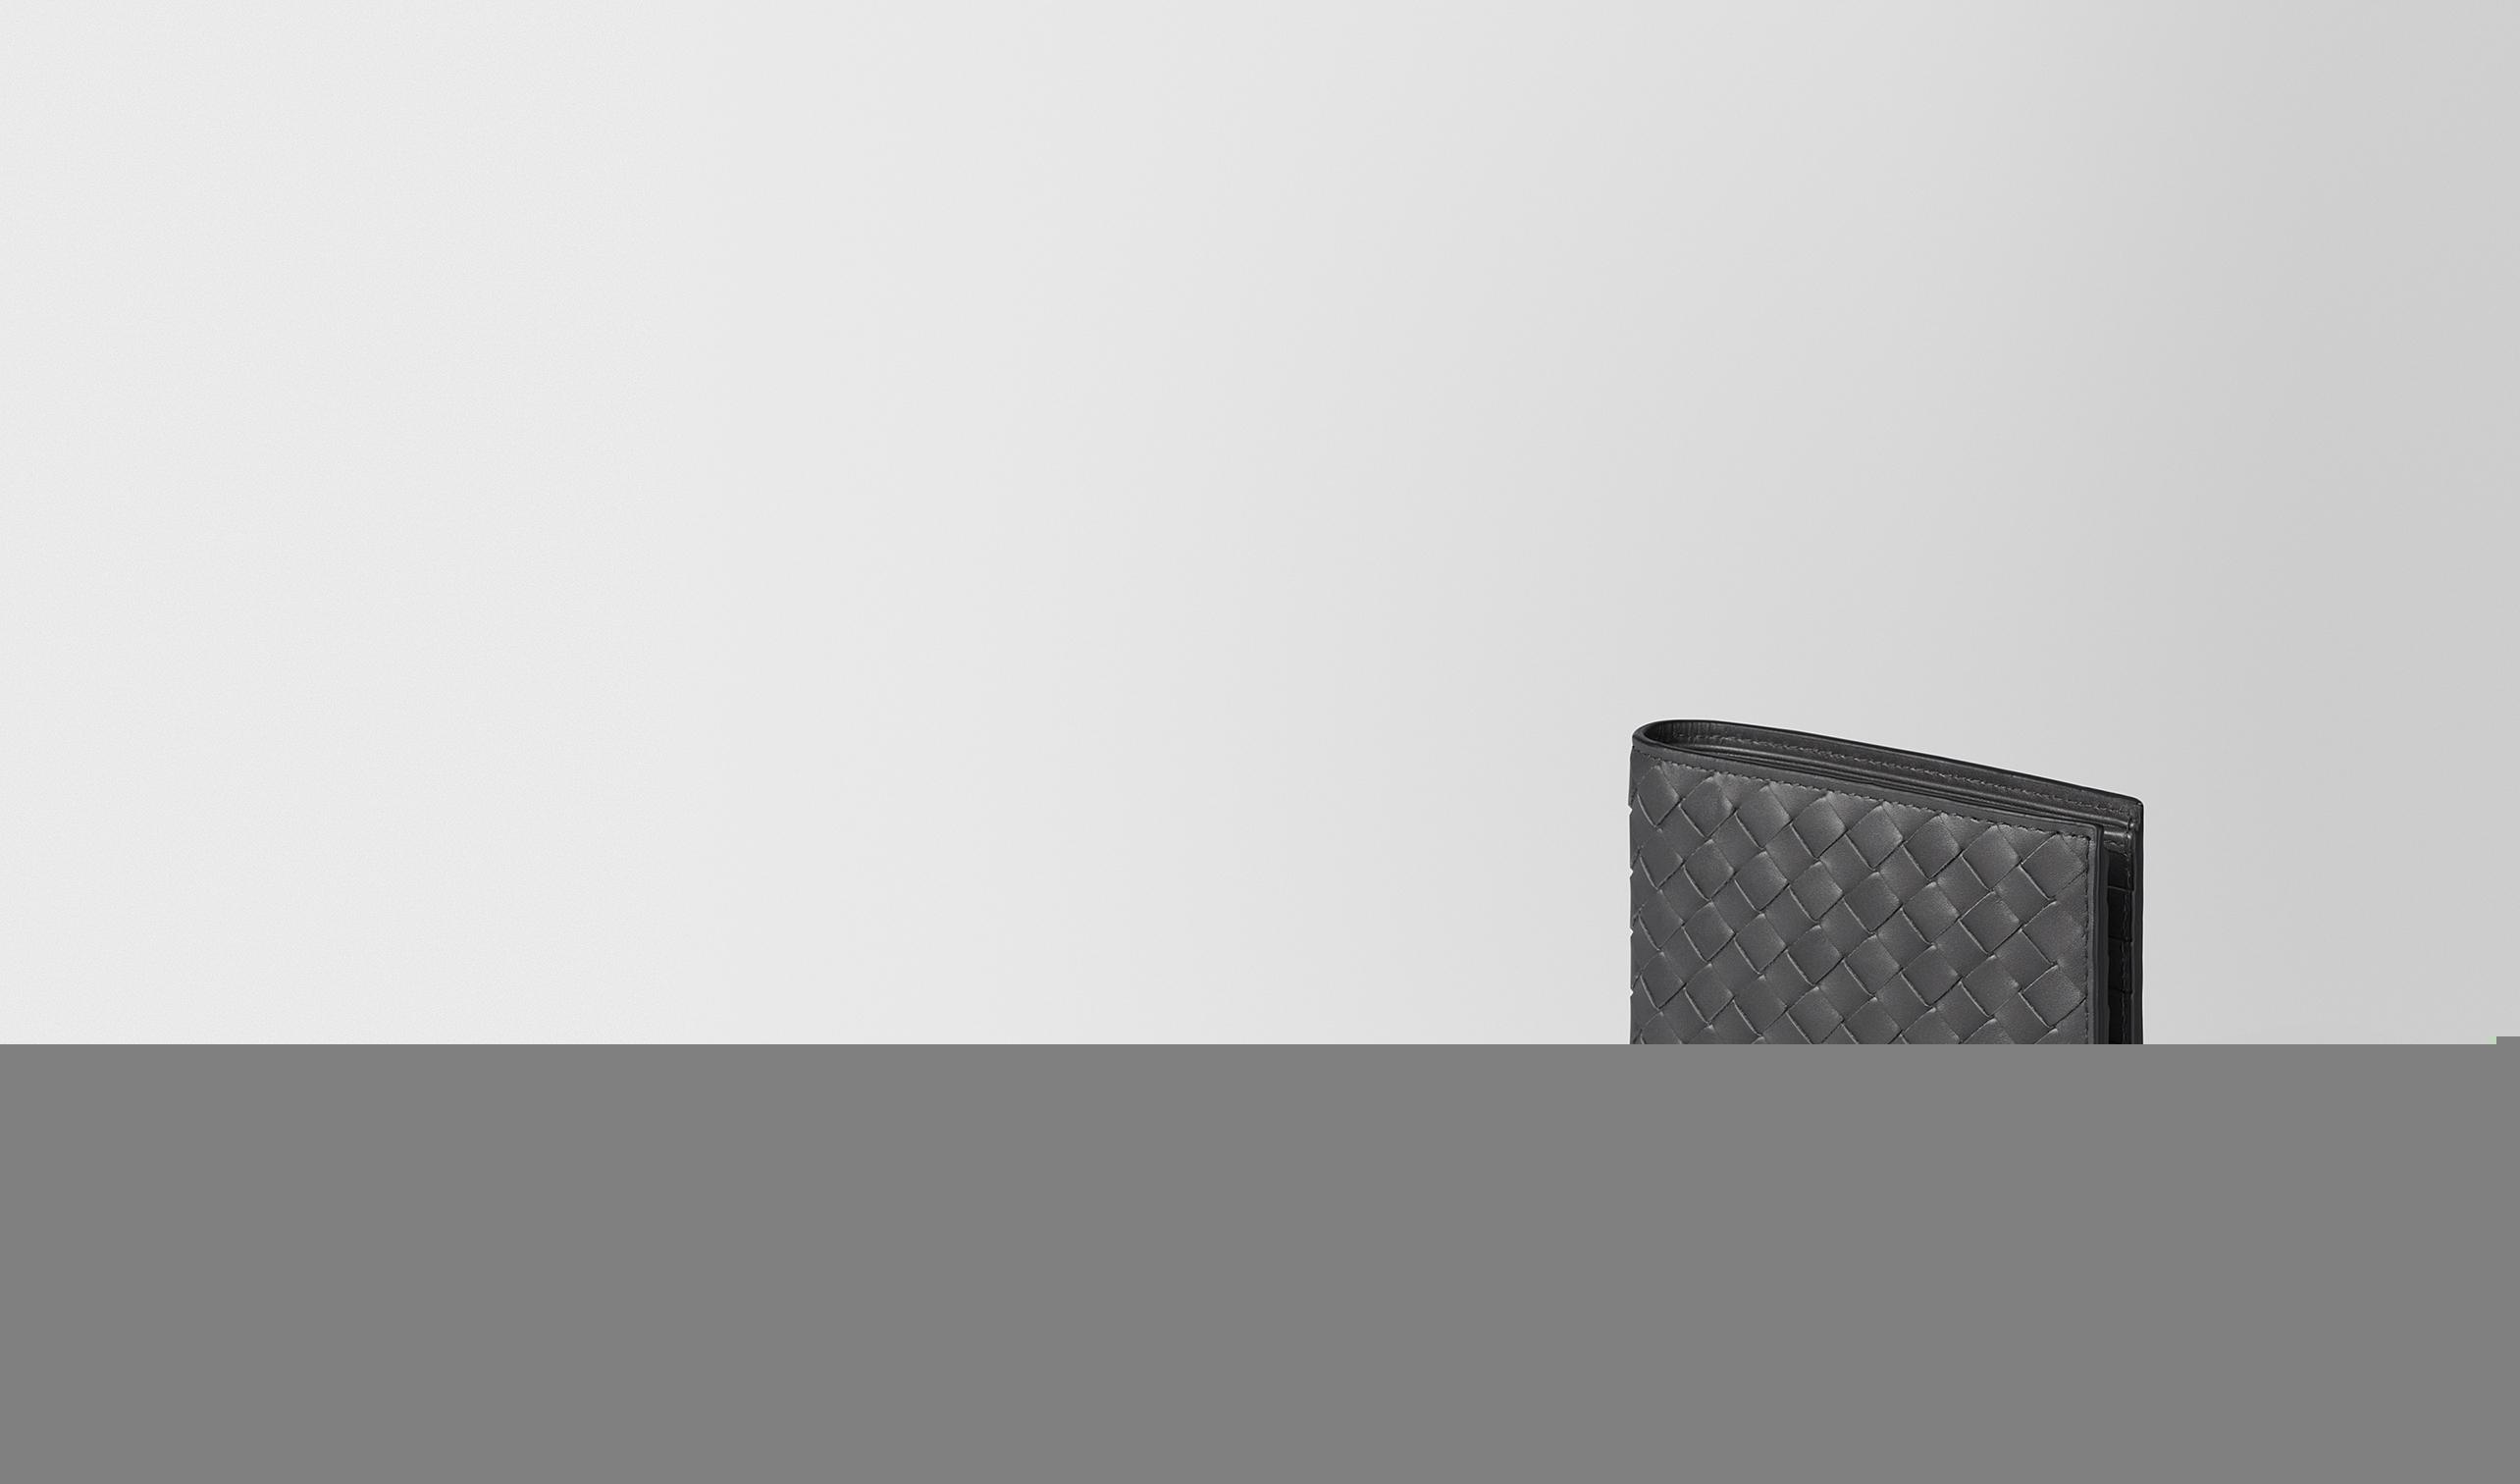 BOTTEGA VENETA Portafoglio bi-fold U Portafoglio Ardoise in VN Intrecciato pl